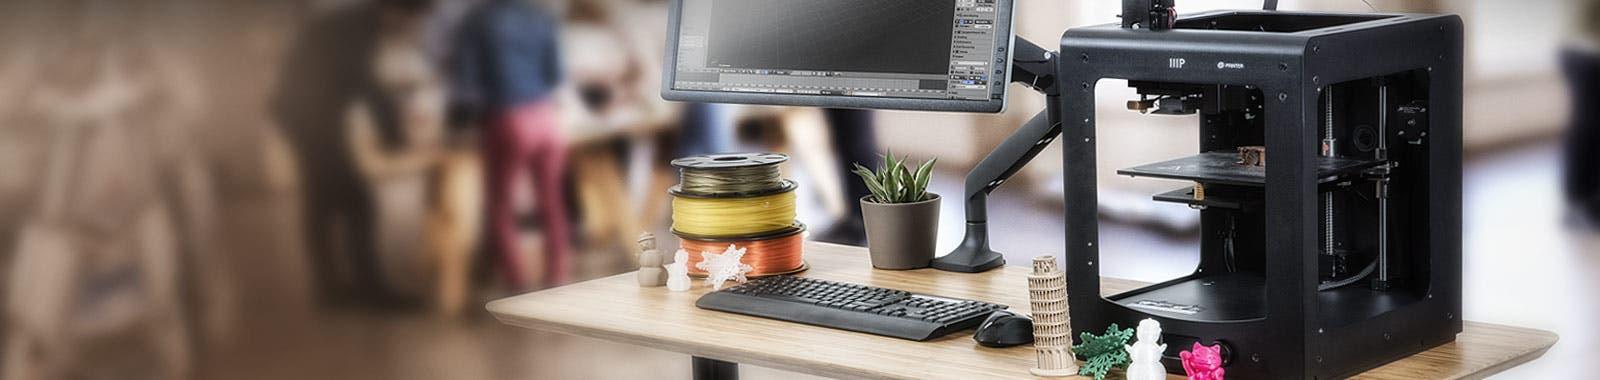 3D Printing & Hobbies